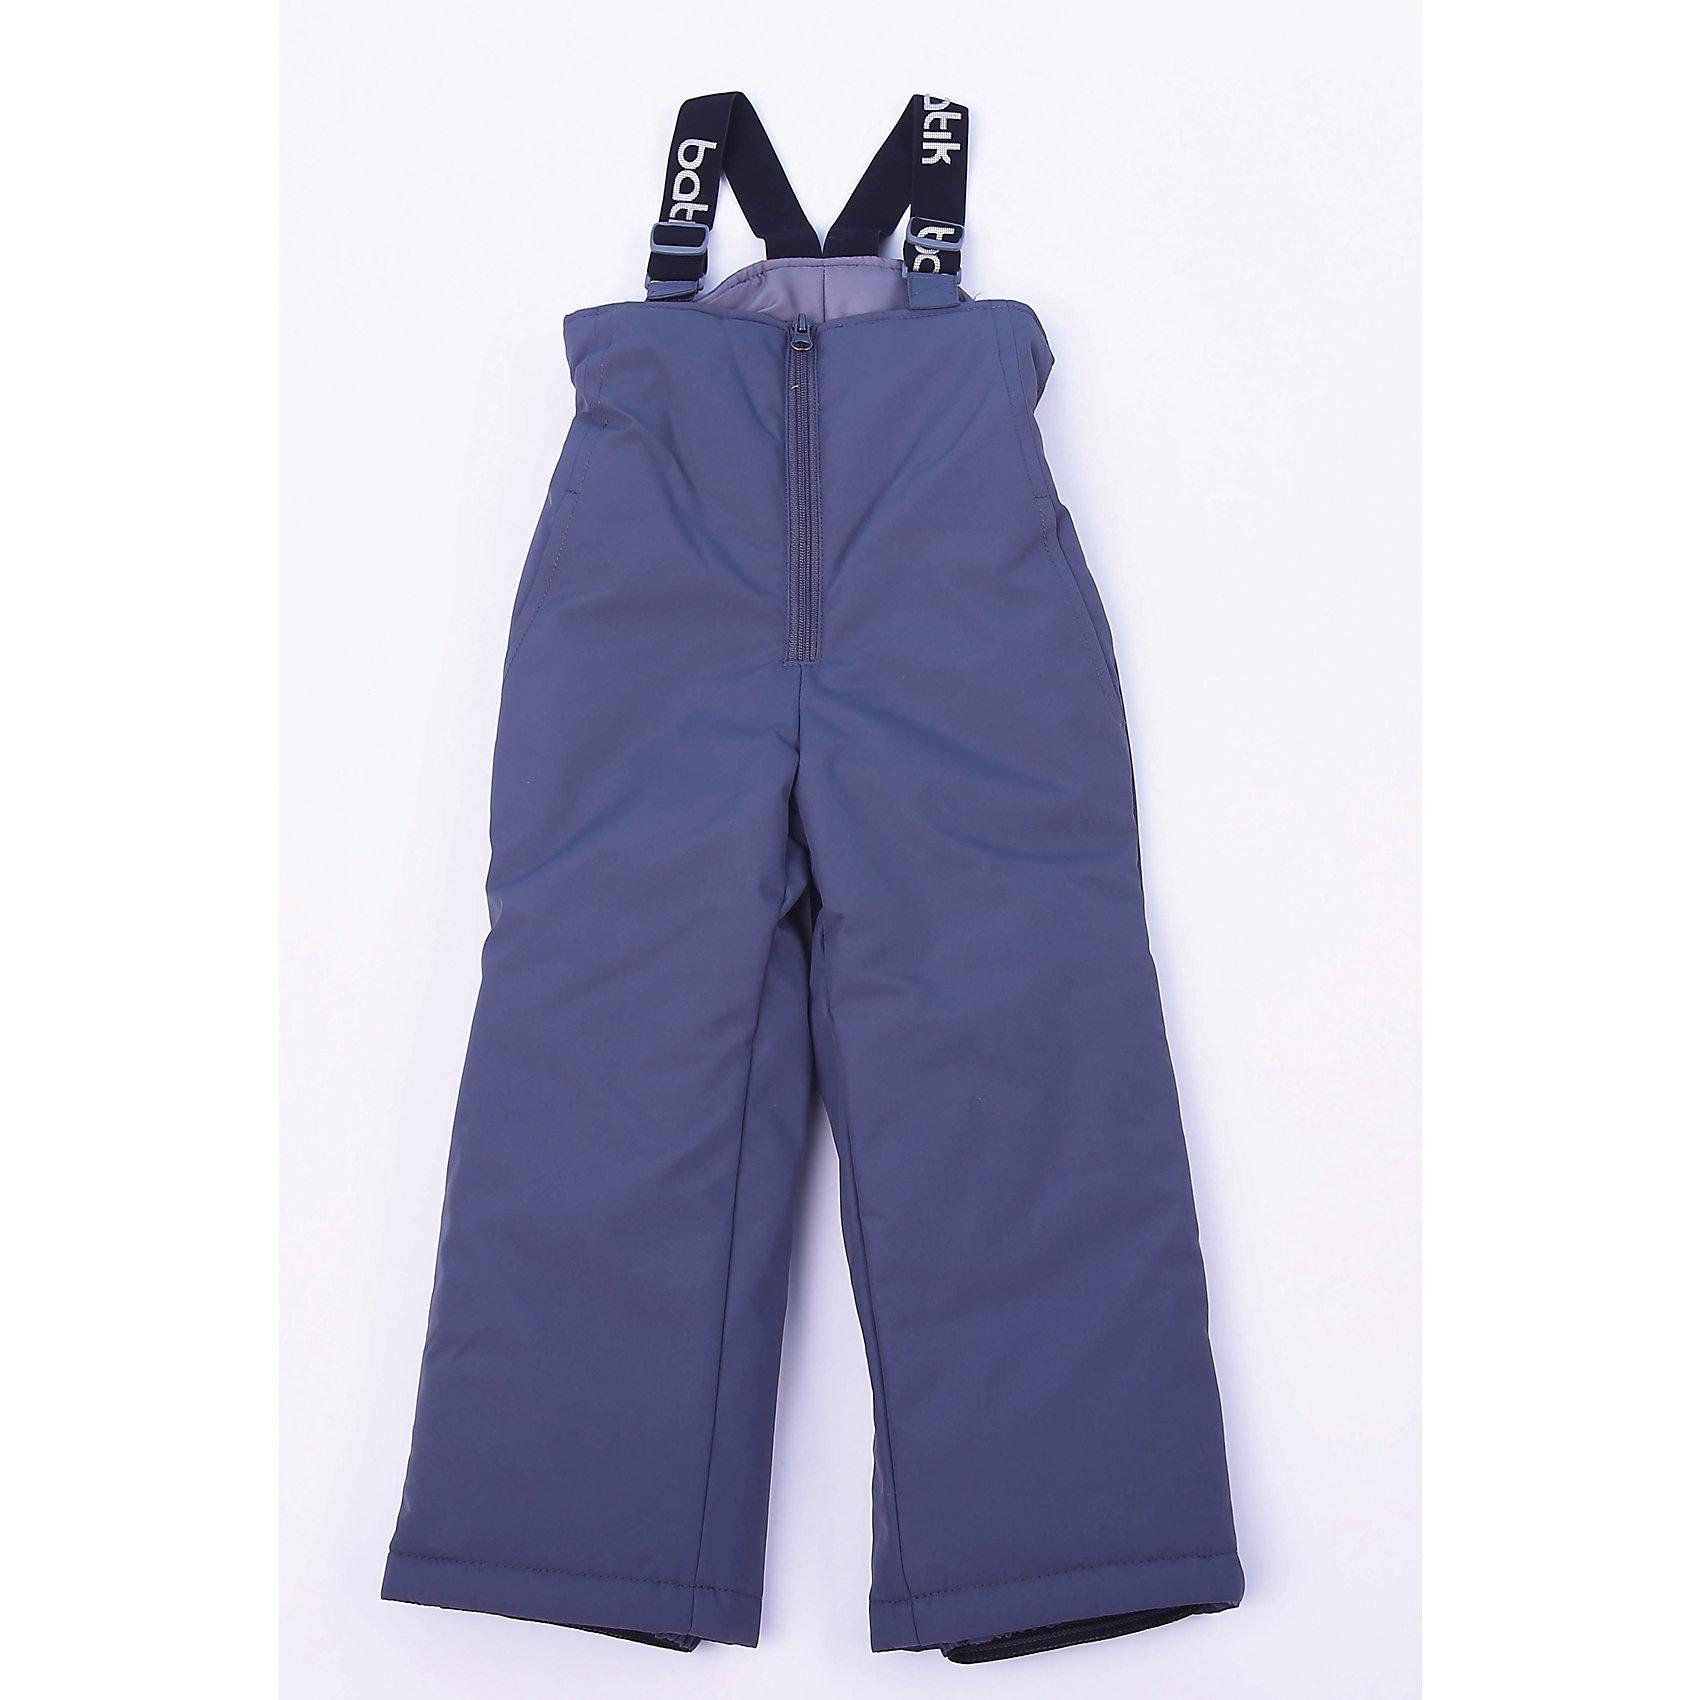 Полукомбинезон Робин Batik для девочкиВерхняя одежда<br>Полукомбинезон Робин Batik для девочки <br>Верхняя ткань обладает водоотталкивающими и ветрозащитными свойствами мембраны. Полукомбинезон с отстегивающимися лямками.<br>Состав:<br>Ткань верха - TASLON OXFORD;  Утеплитель - Слайтекс 150;  Подкладка - Полиэстер;<br><br>Ширина мм: 215<br>Глубина мм: 88<br>Высота мм: 191<br>Вес г: 336<br>Цвет: серый<br>Возраст от месяцев: 108<br>Возраст до месяцев: 120<br>Пол: Женский<br>Возраст: Детский<br>Размер: 140,122,128,134<br>SKU: 7028050